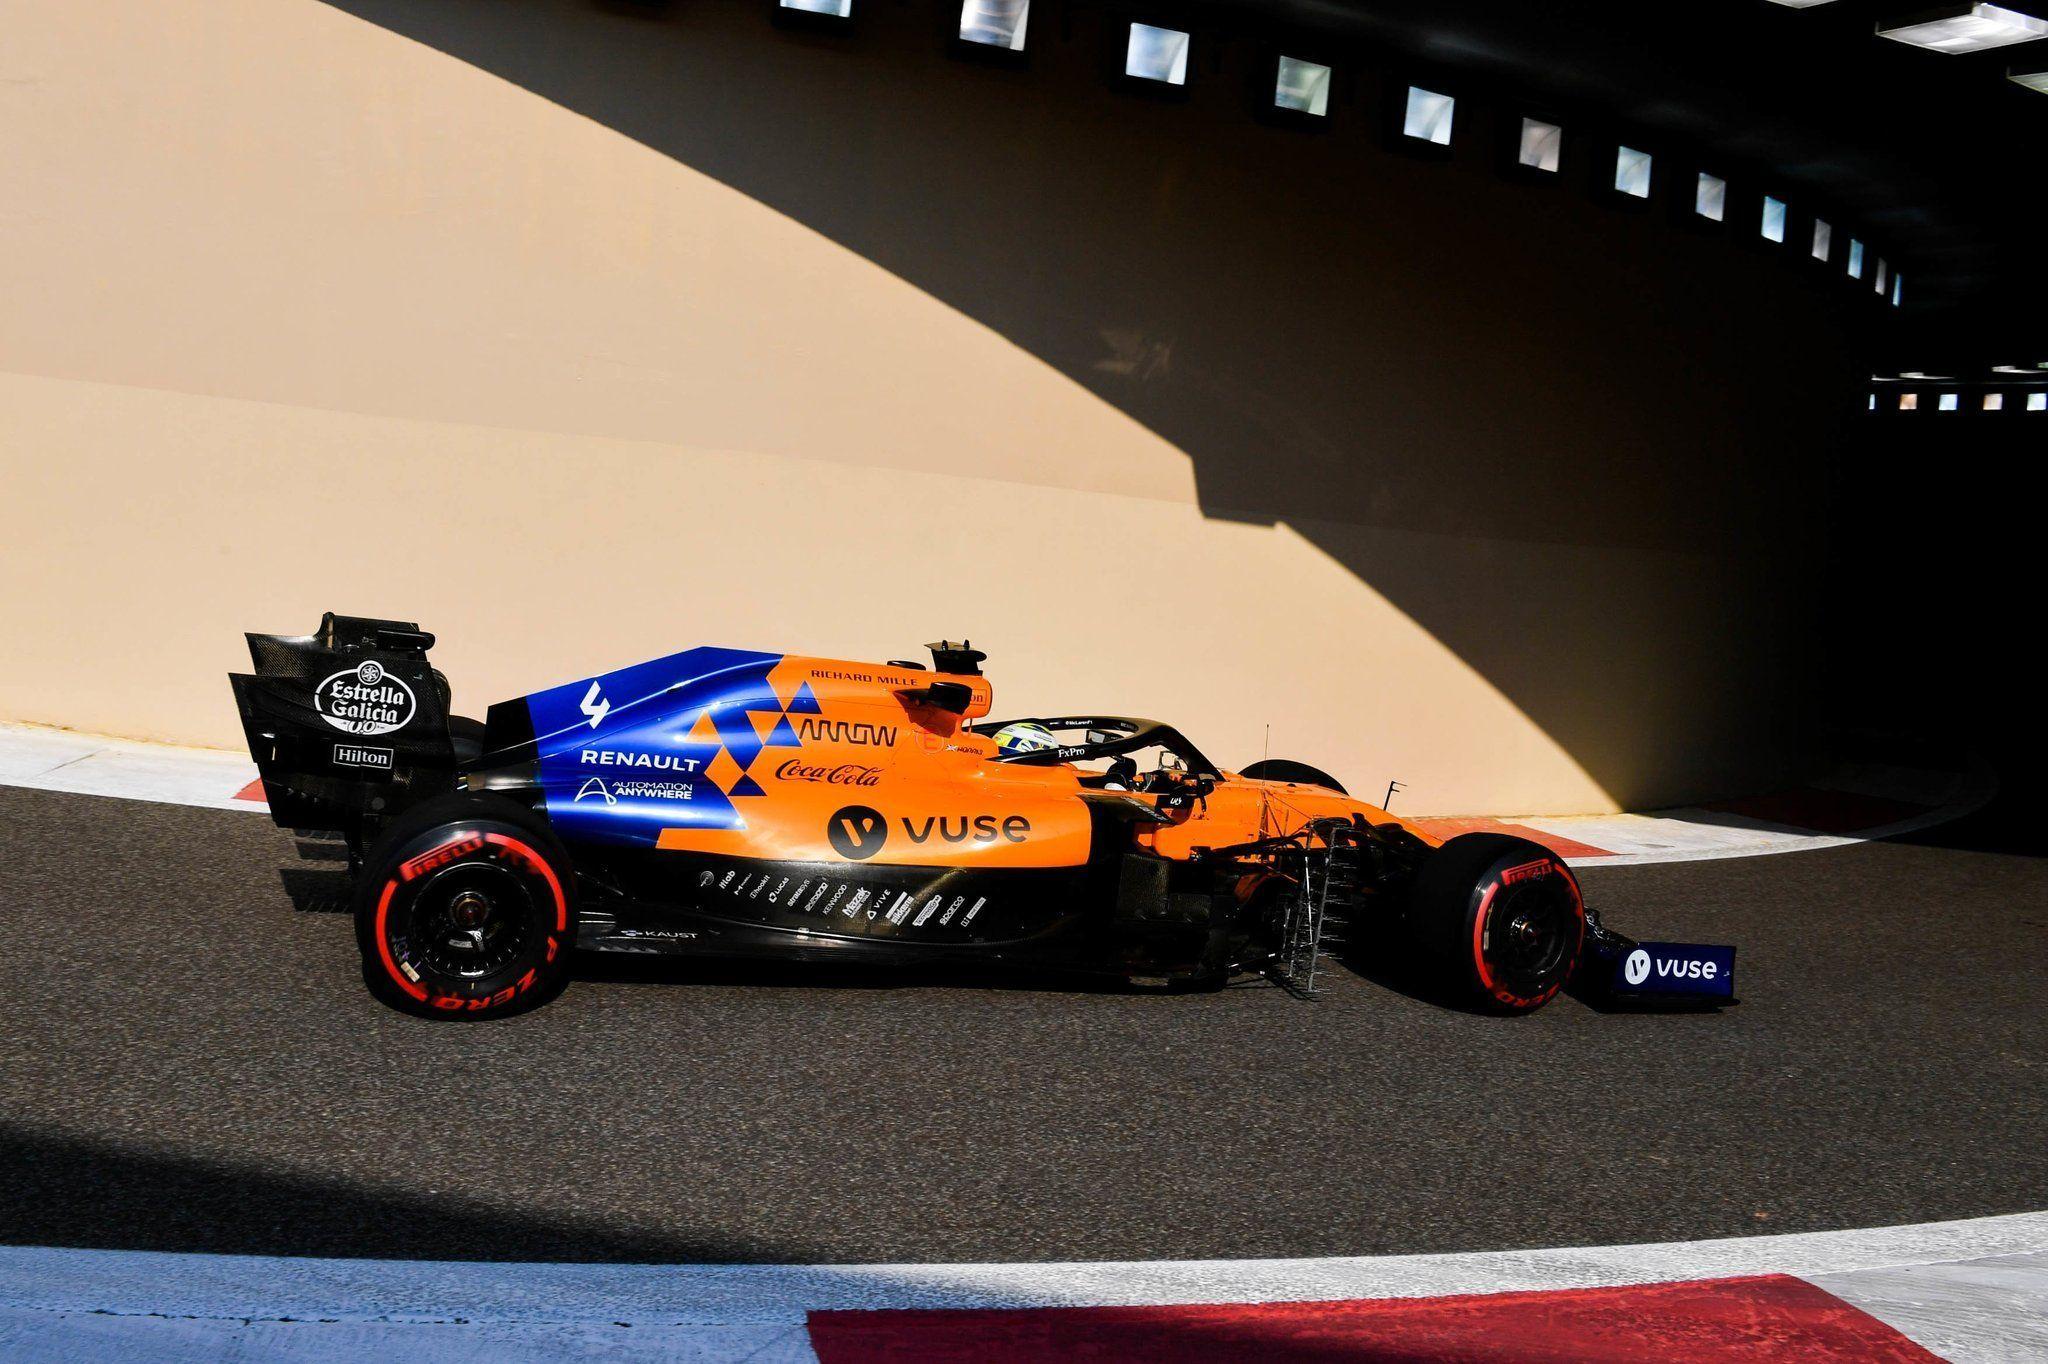 Lando Norris, F1